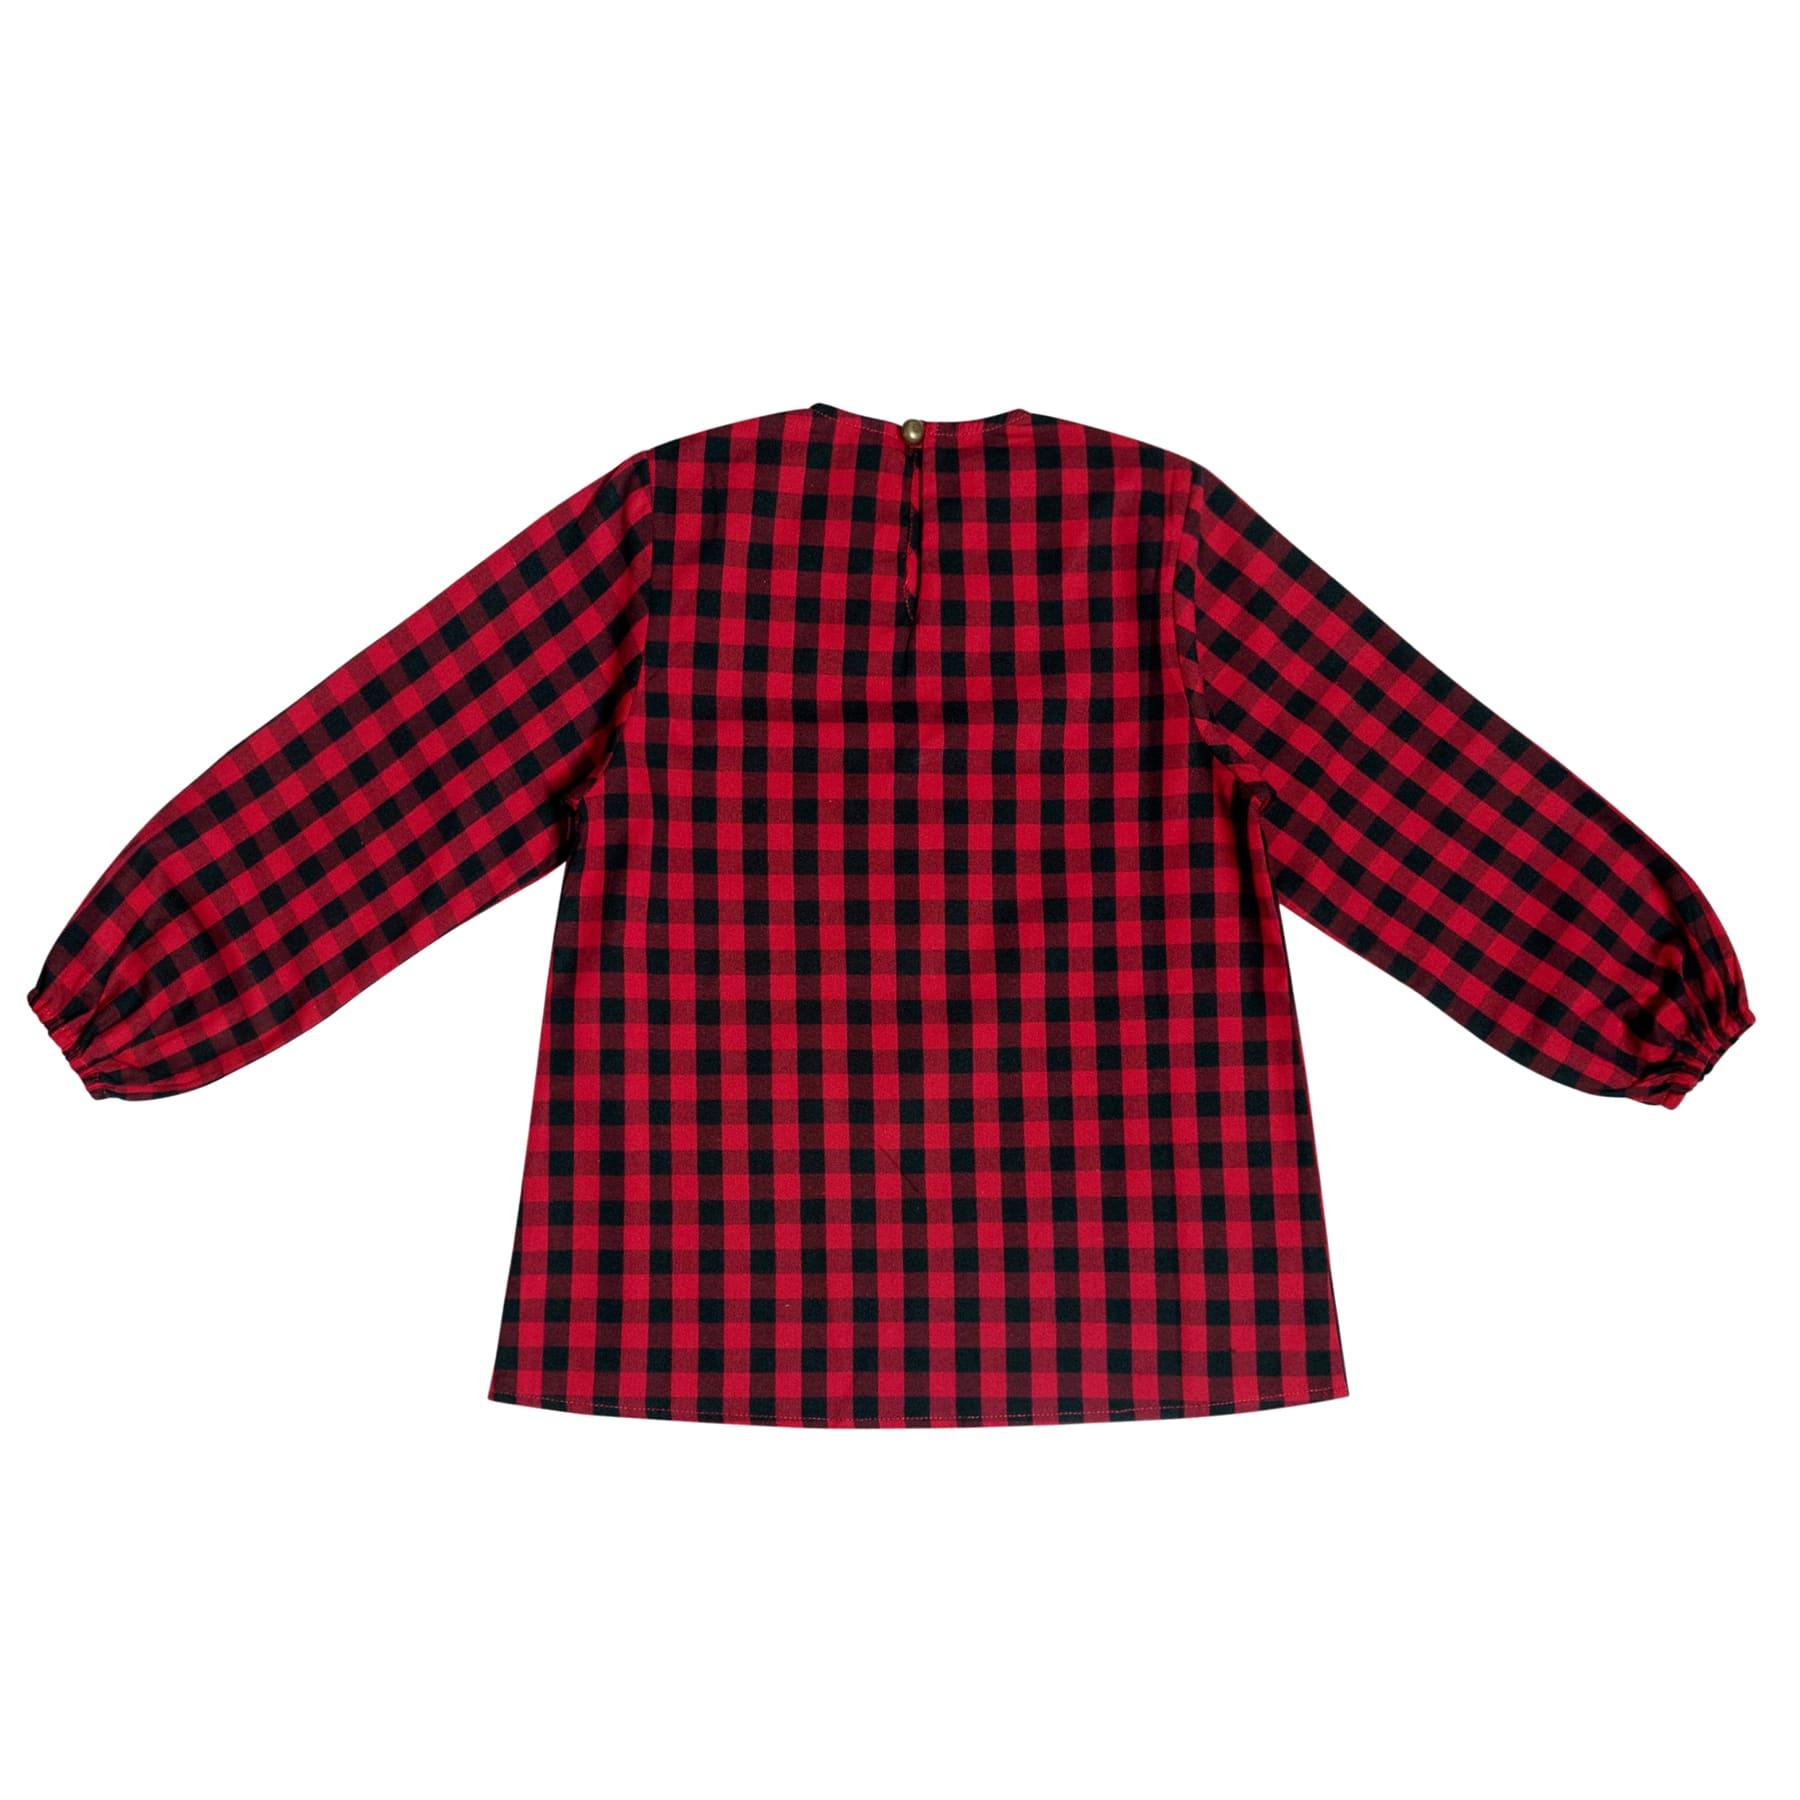 Blouse à carreaux noirs et rouges avec col à volants et manches élastiques pour filles de 2 à 12 ans